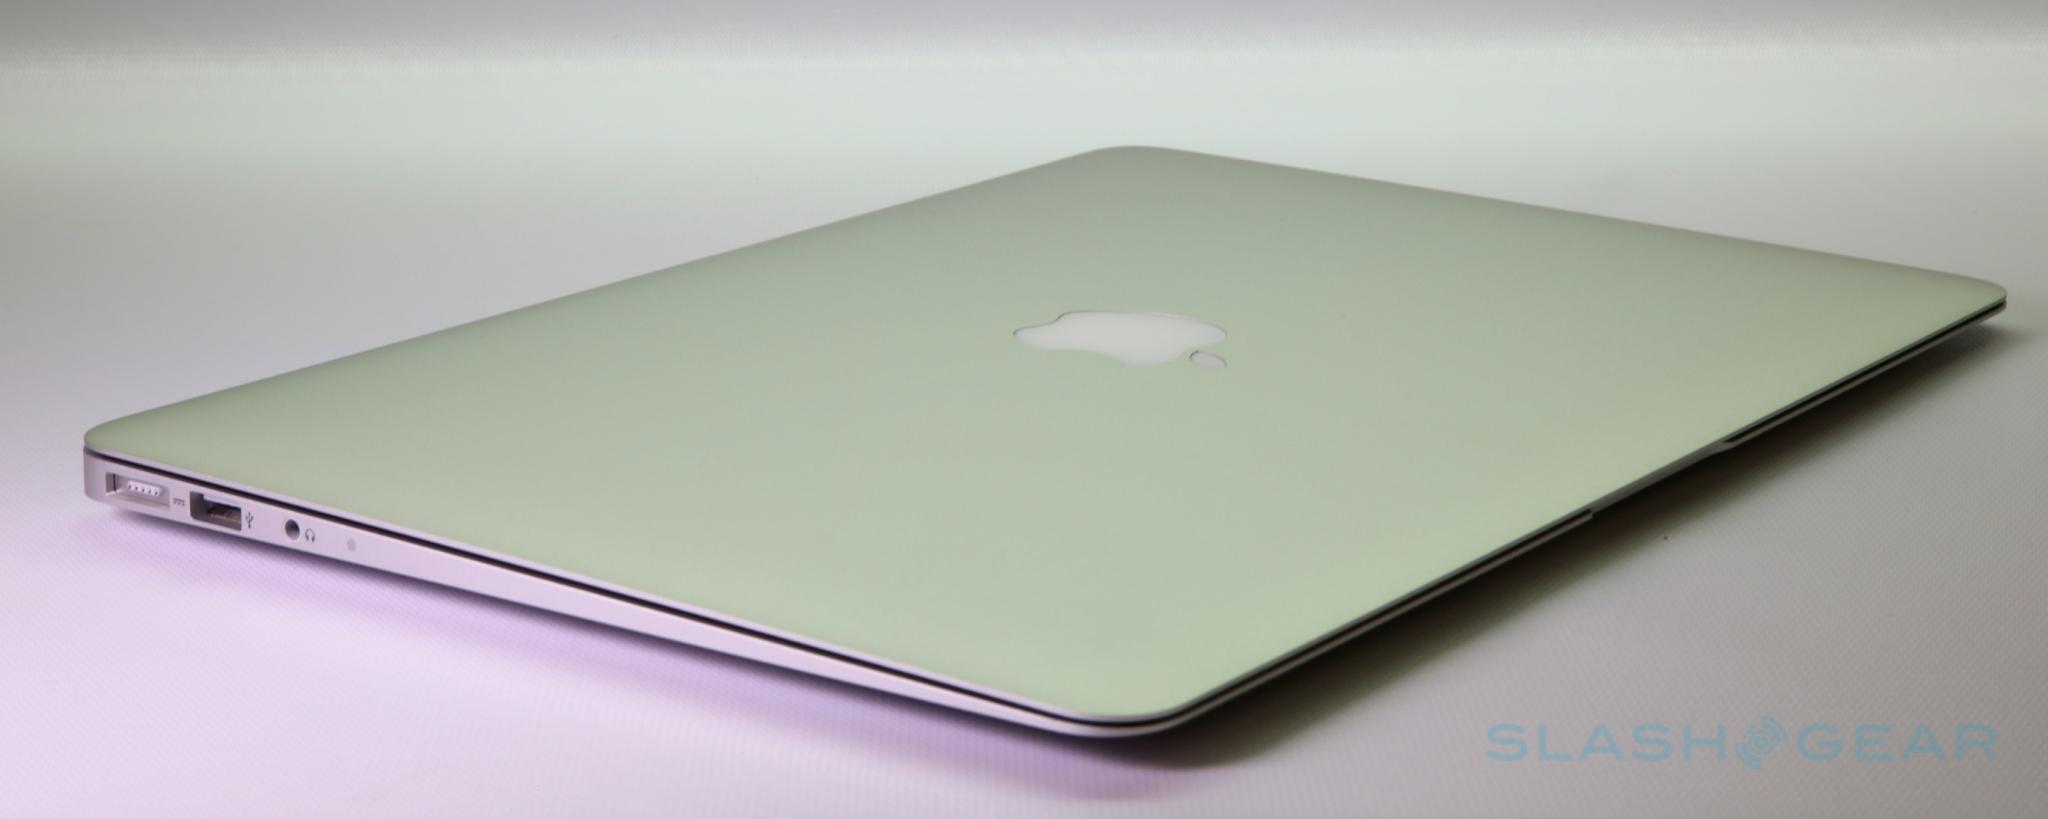 Nowy Macbook Air opóźniony !